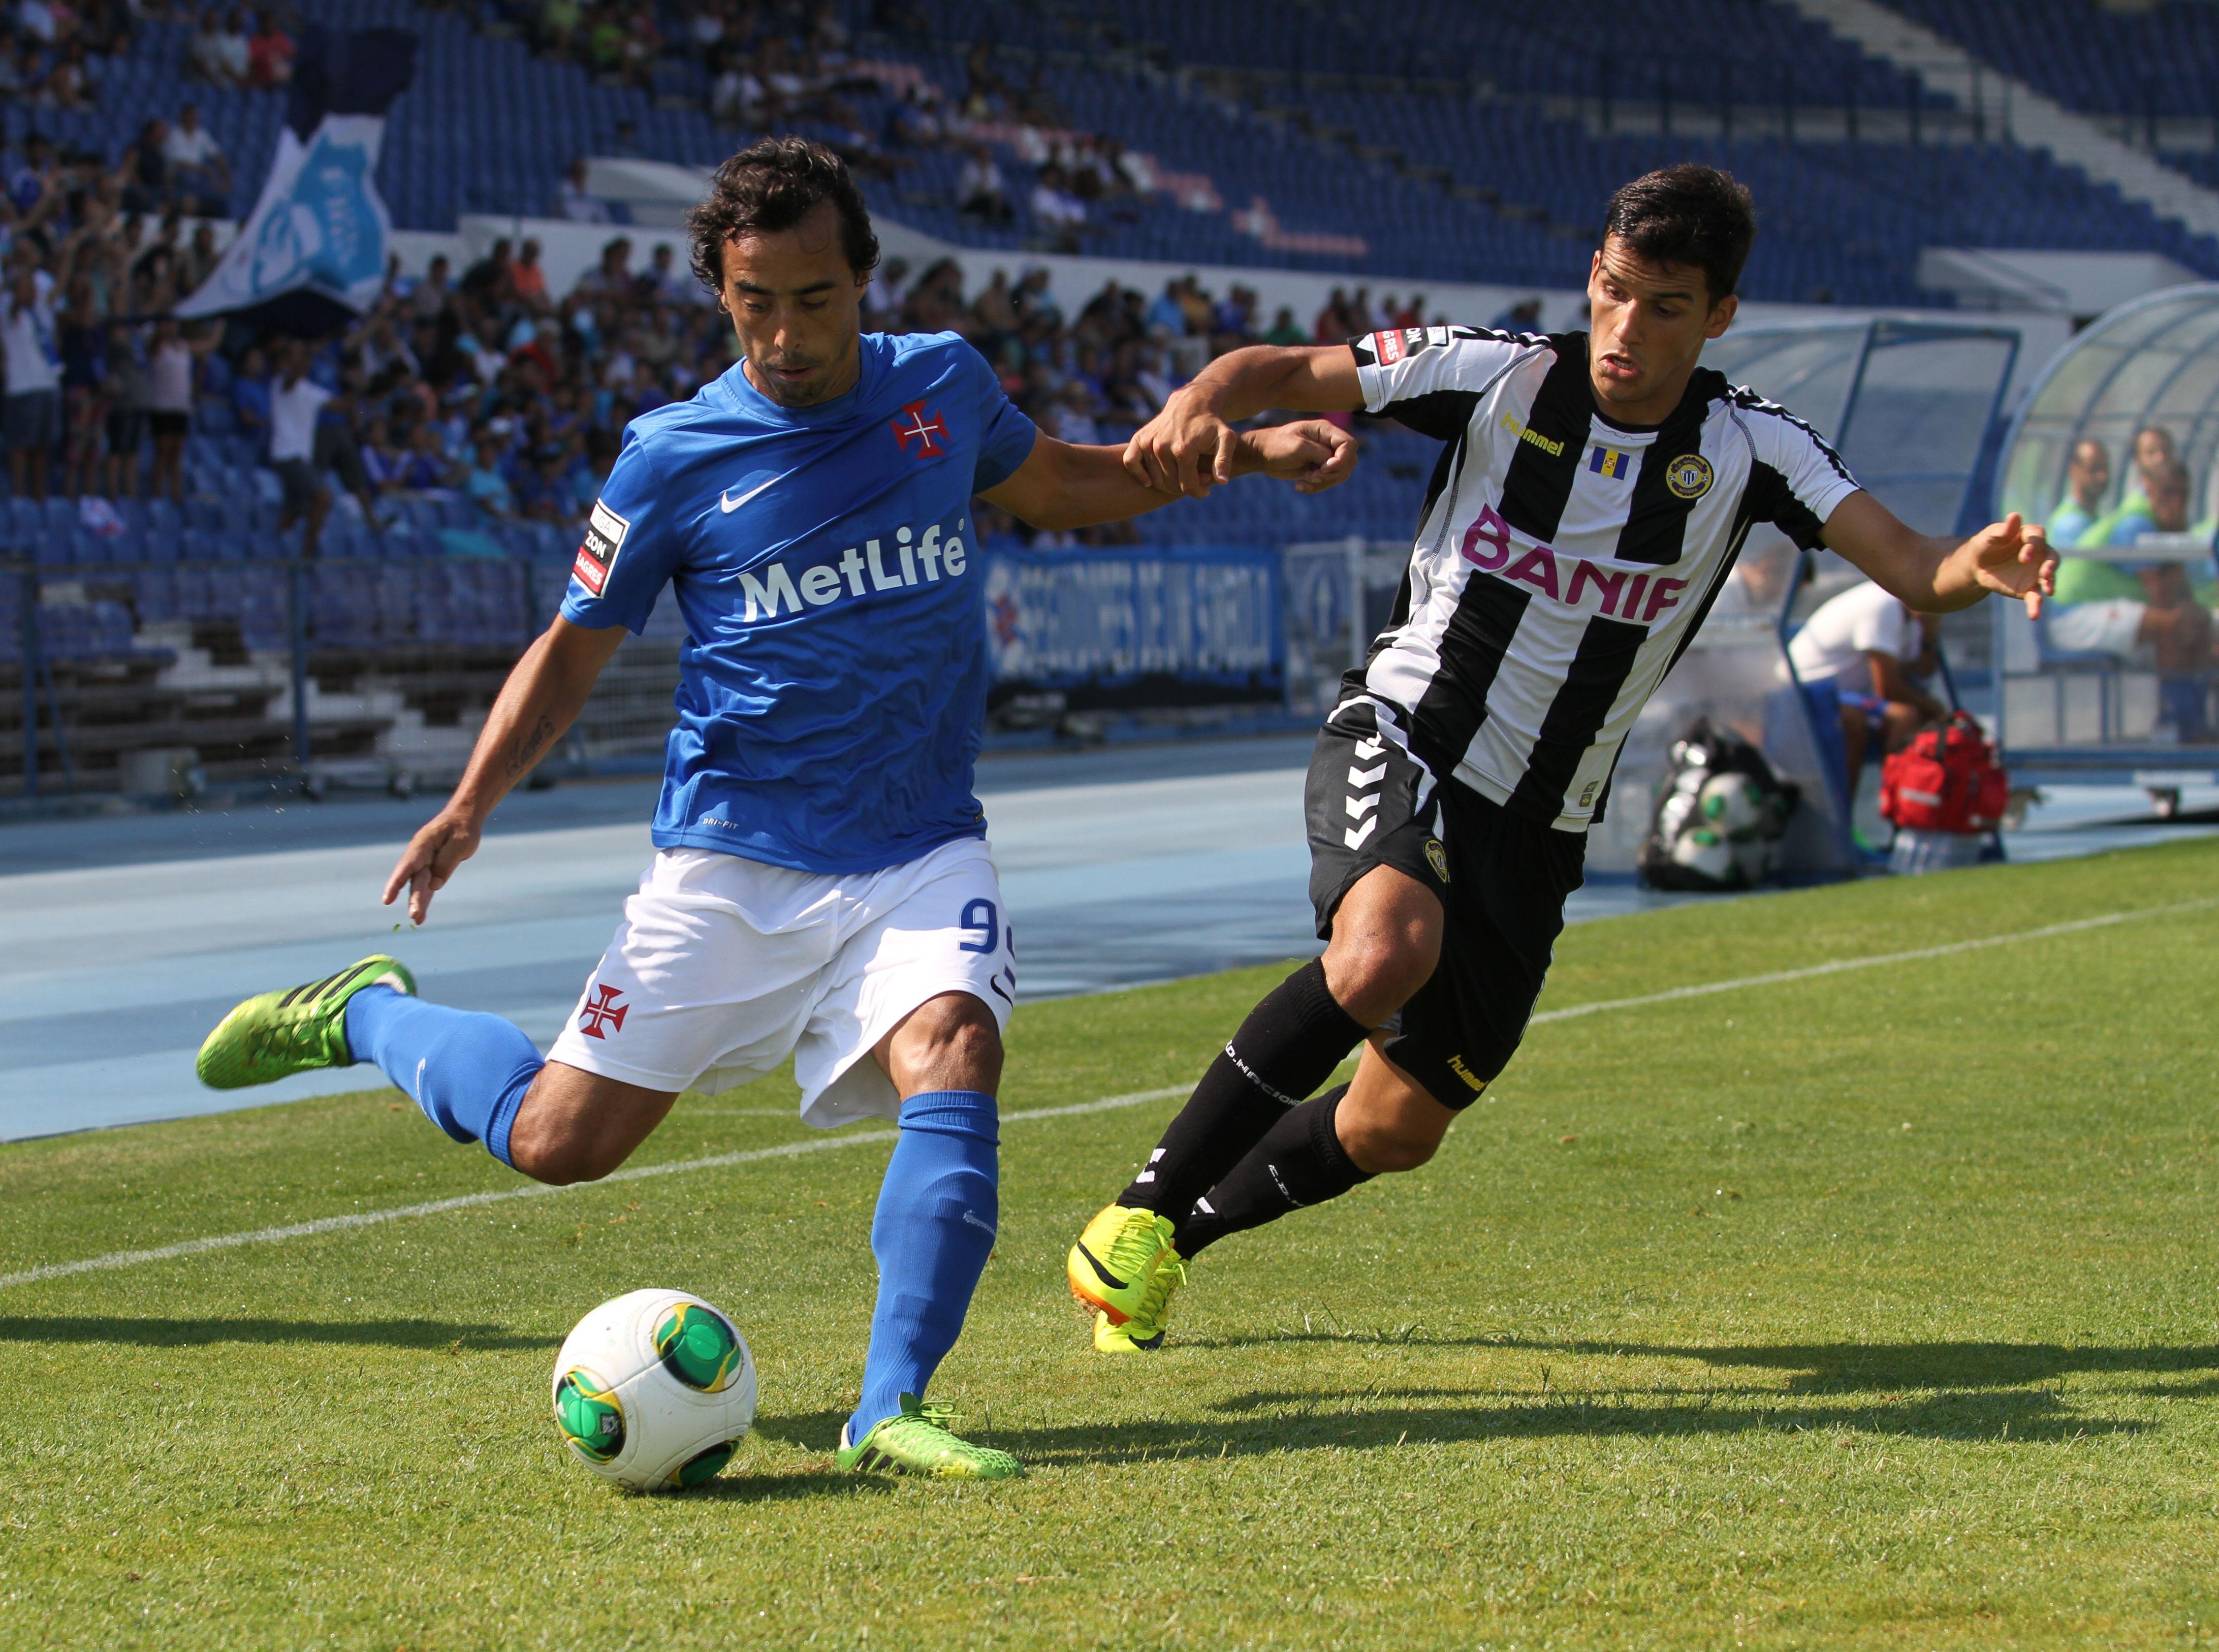 Liga Zon Sagres 2013/14, 3ª Jornada, Estádio do Restelo | Os Belenenses - Nacional da Madeira *** Paulo Jorge